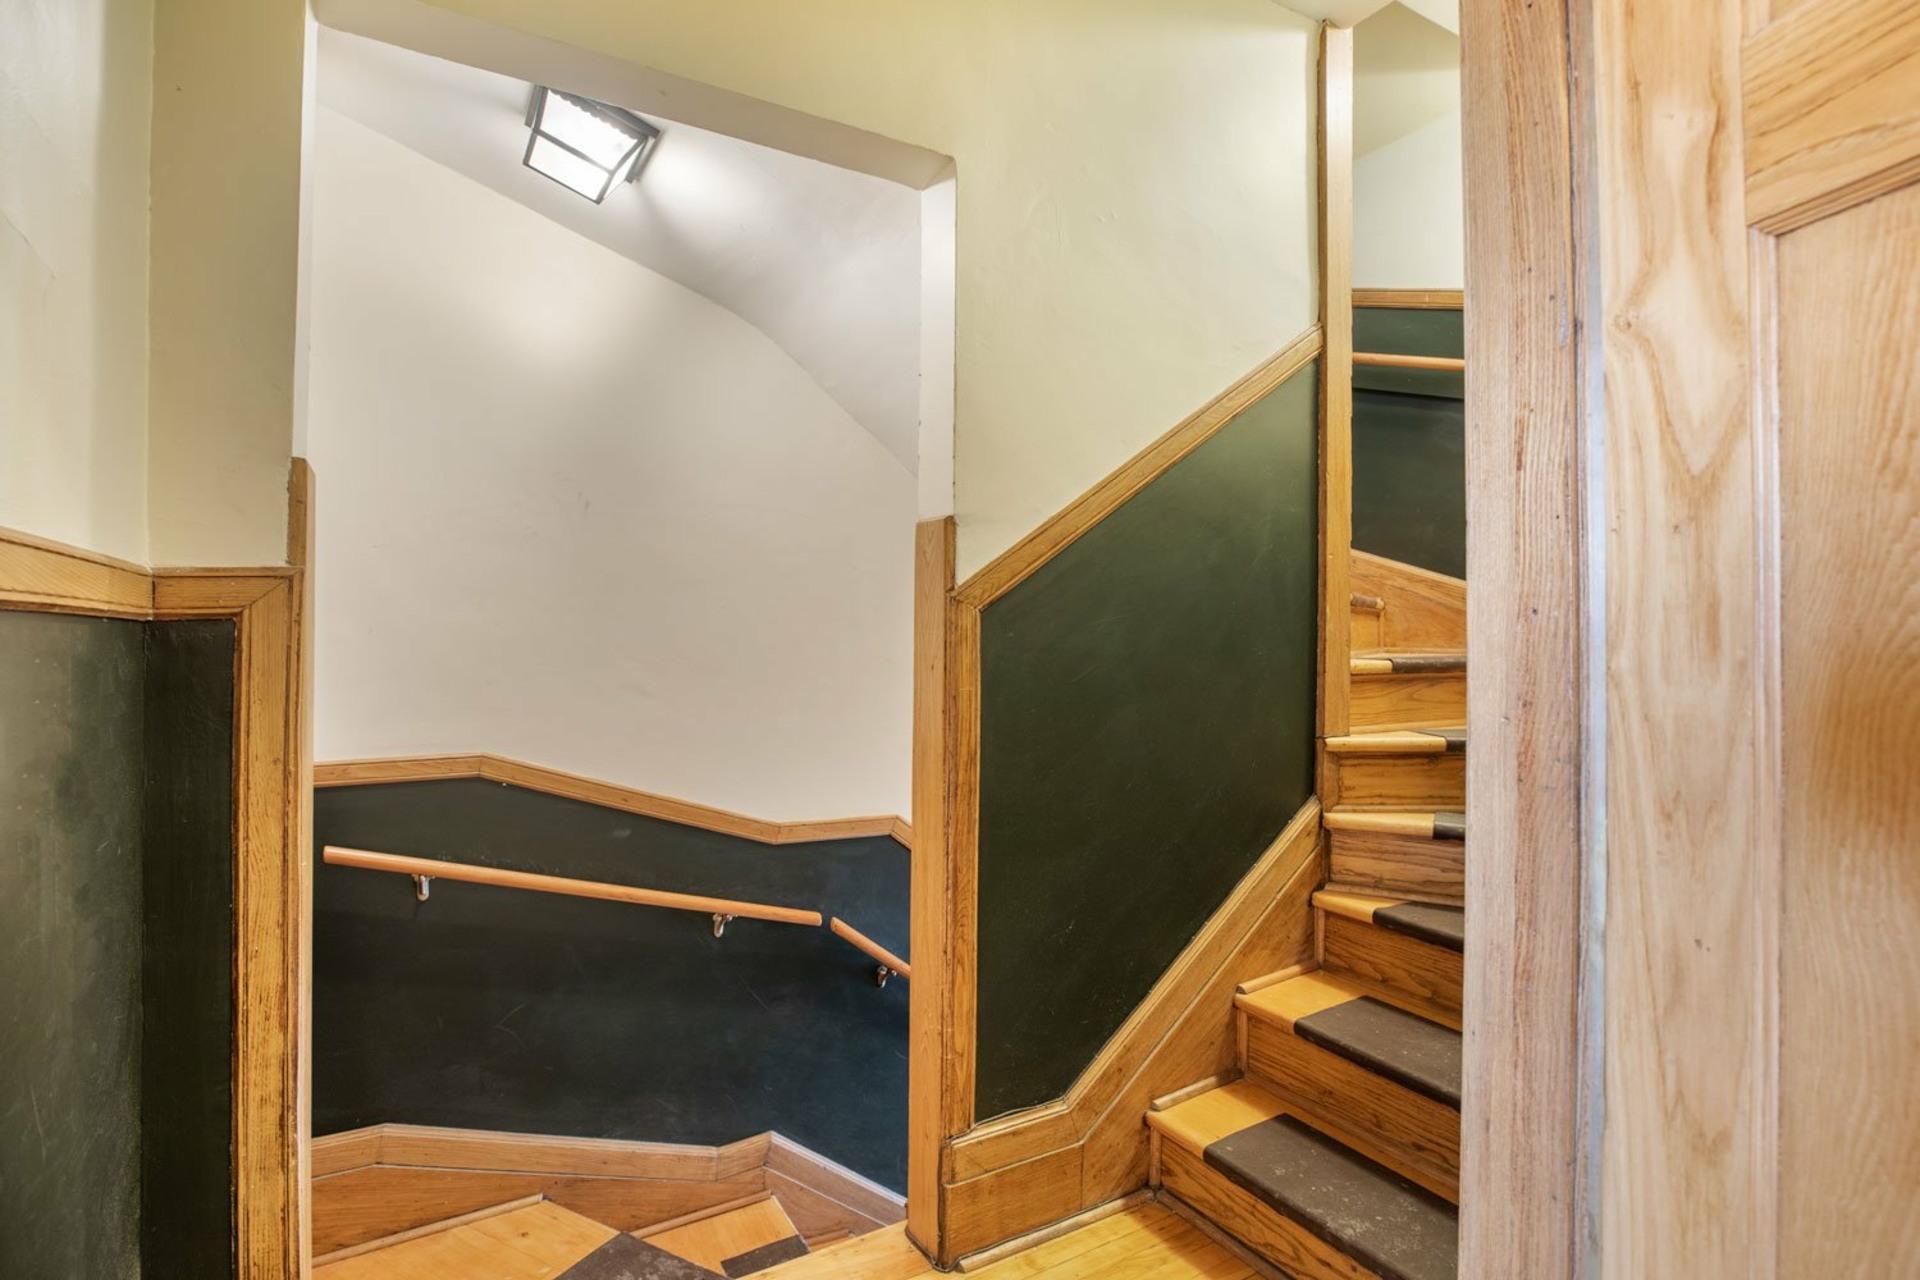 image 15 - Appartement À vendre Côte-des-Neiges/Notre-Dame-de-Grâce Montréal  - 6 pièces